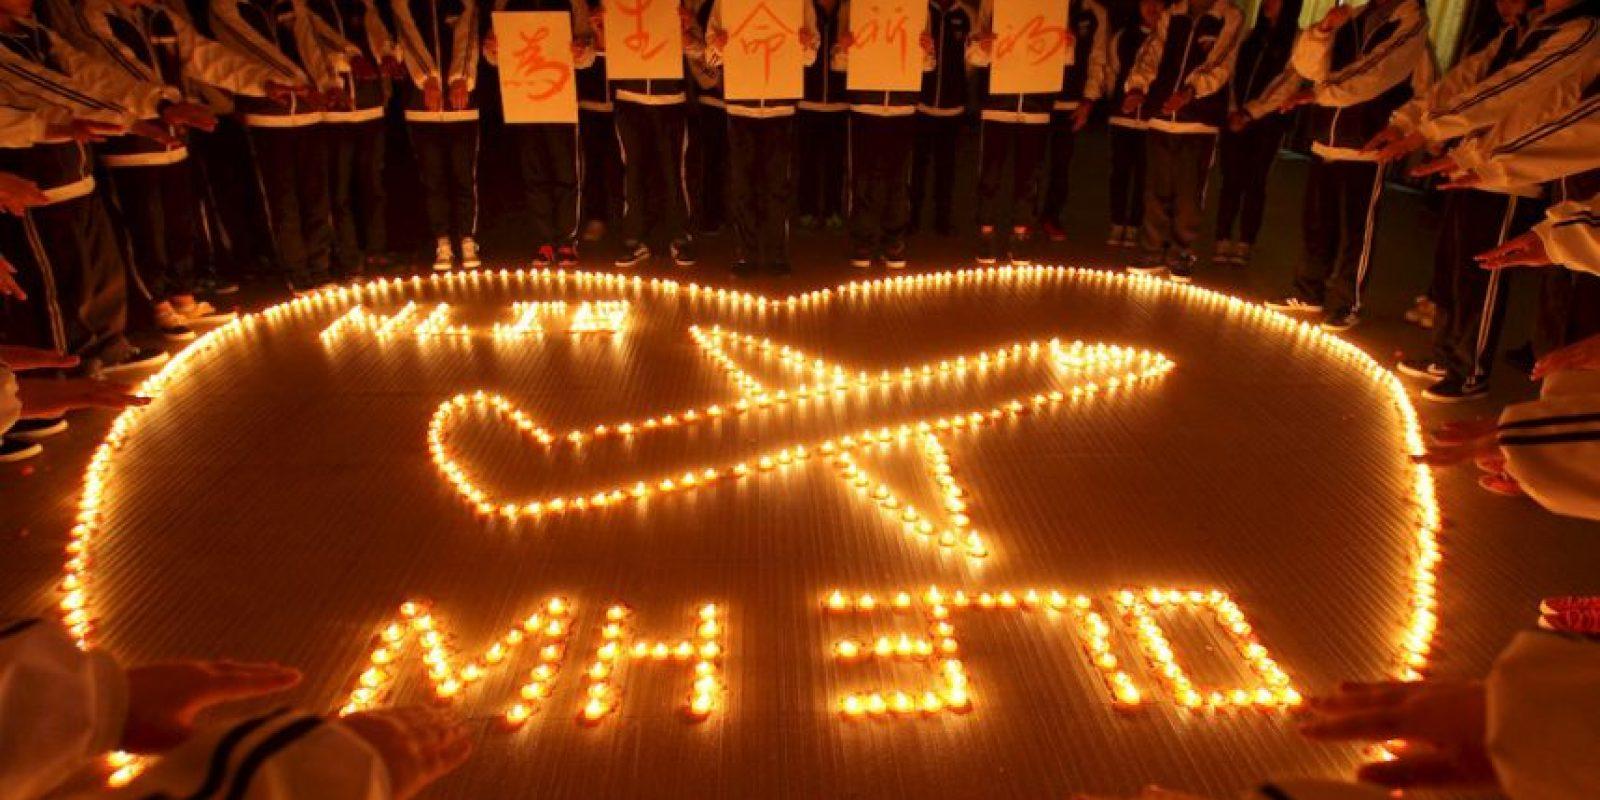 El 8 de marzo de 2014, el vuelo MH370 de la aerolínea Malaysia Arilines desapareció cuando viajaba de Kuala Lumpur, en Malasia, hacia Beijing, en China. En su interior viajaban 239 personas: 227 pasajeros y 12 integrantes de la tripulación. Foto:Getty Images